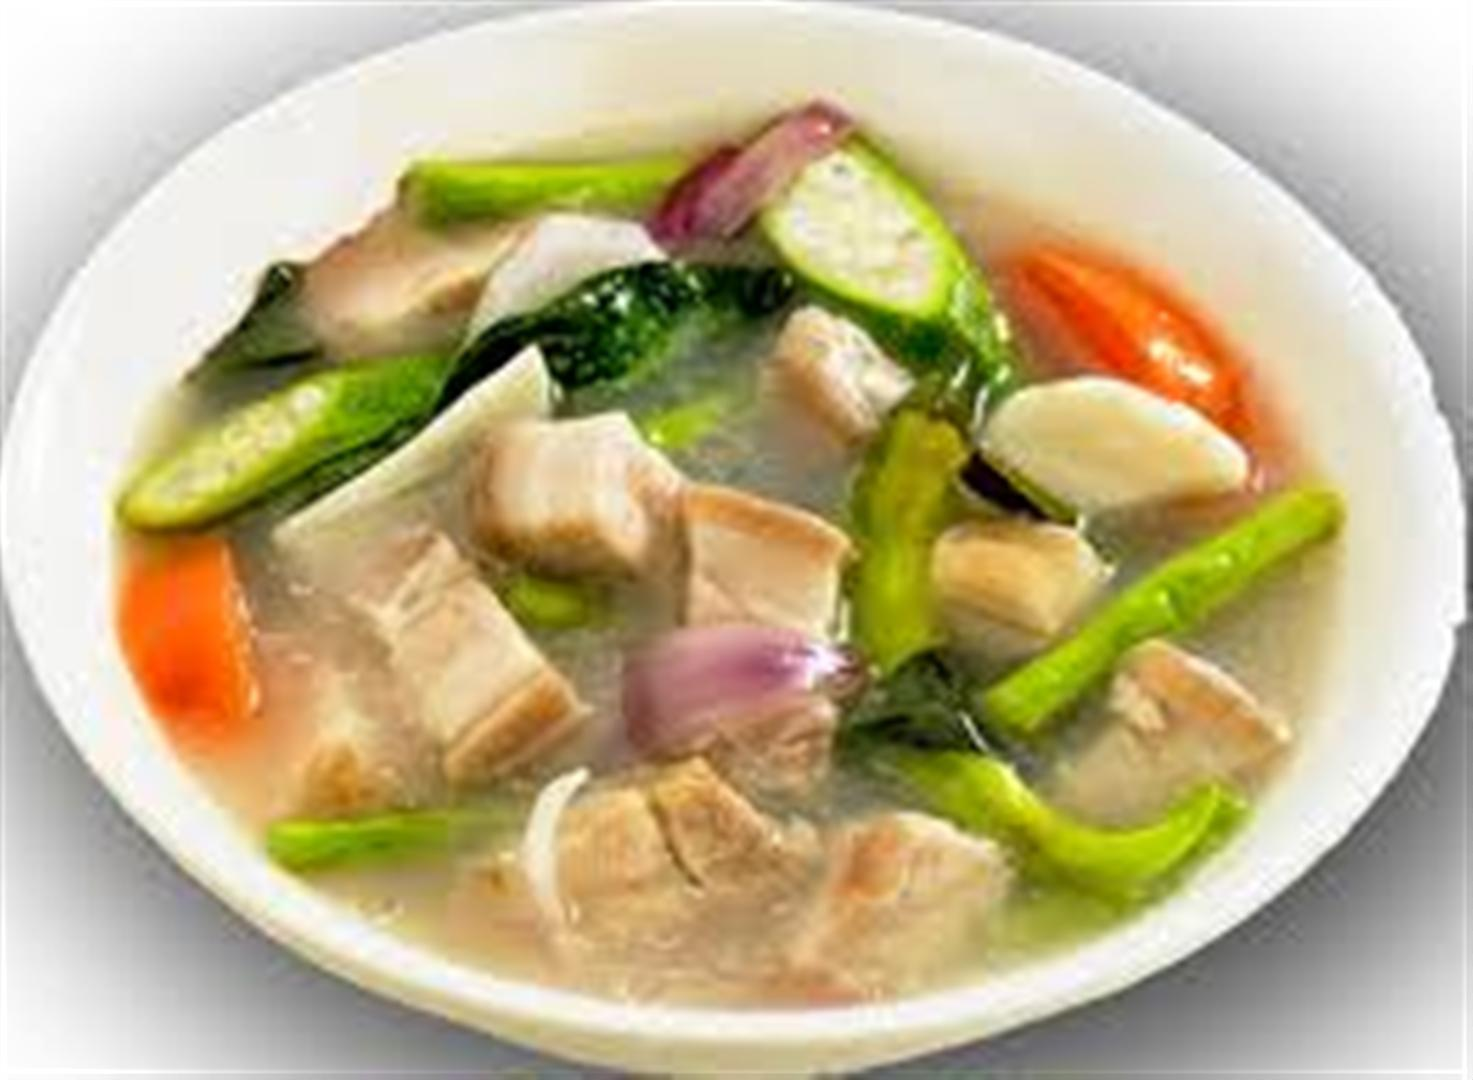 Best Filipino Food In La